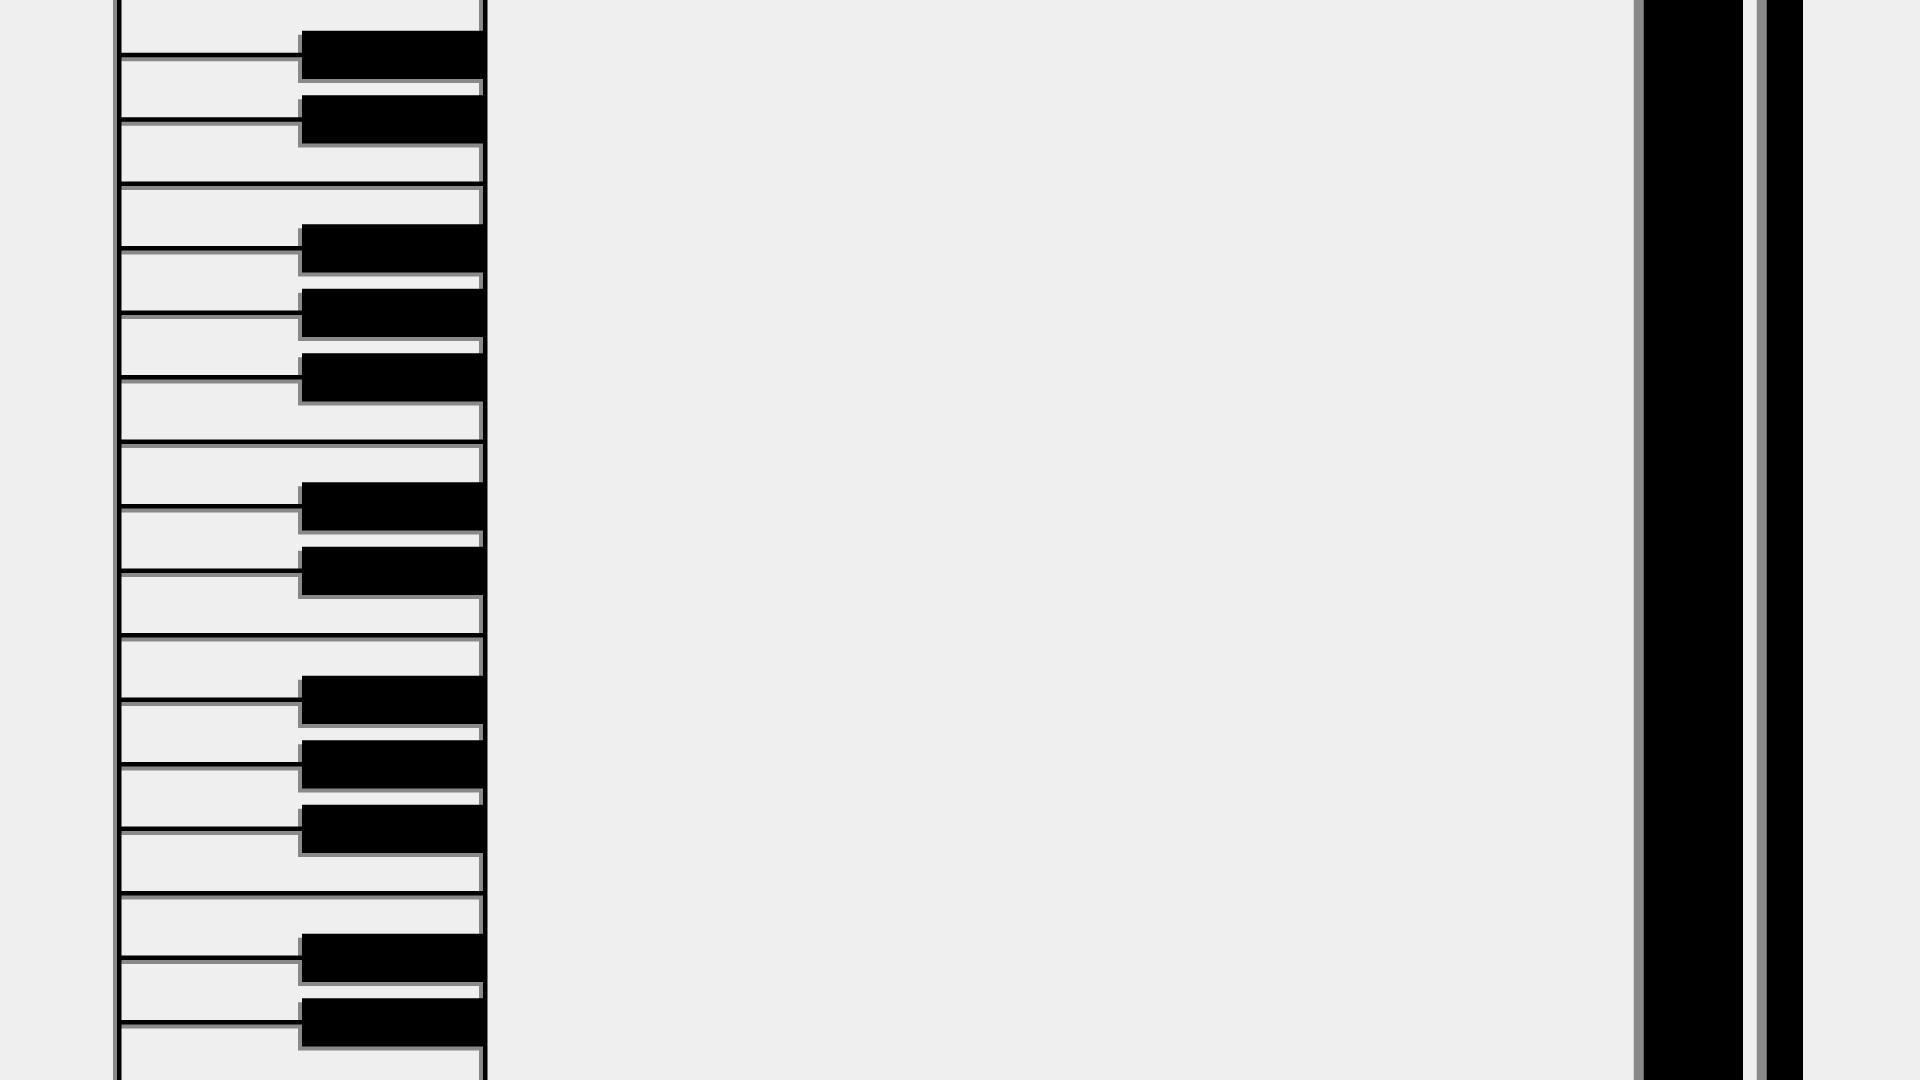 ピアノ鍵盤・音楽の壁紙・背景素材 1,920px×1,080px 02